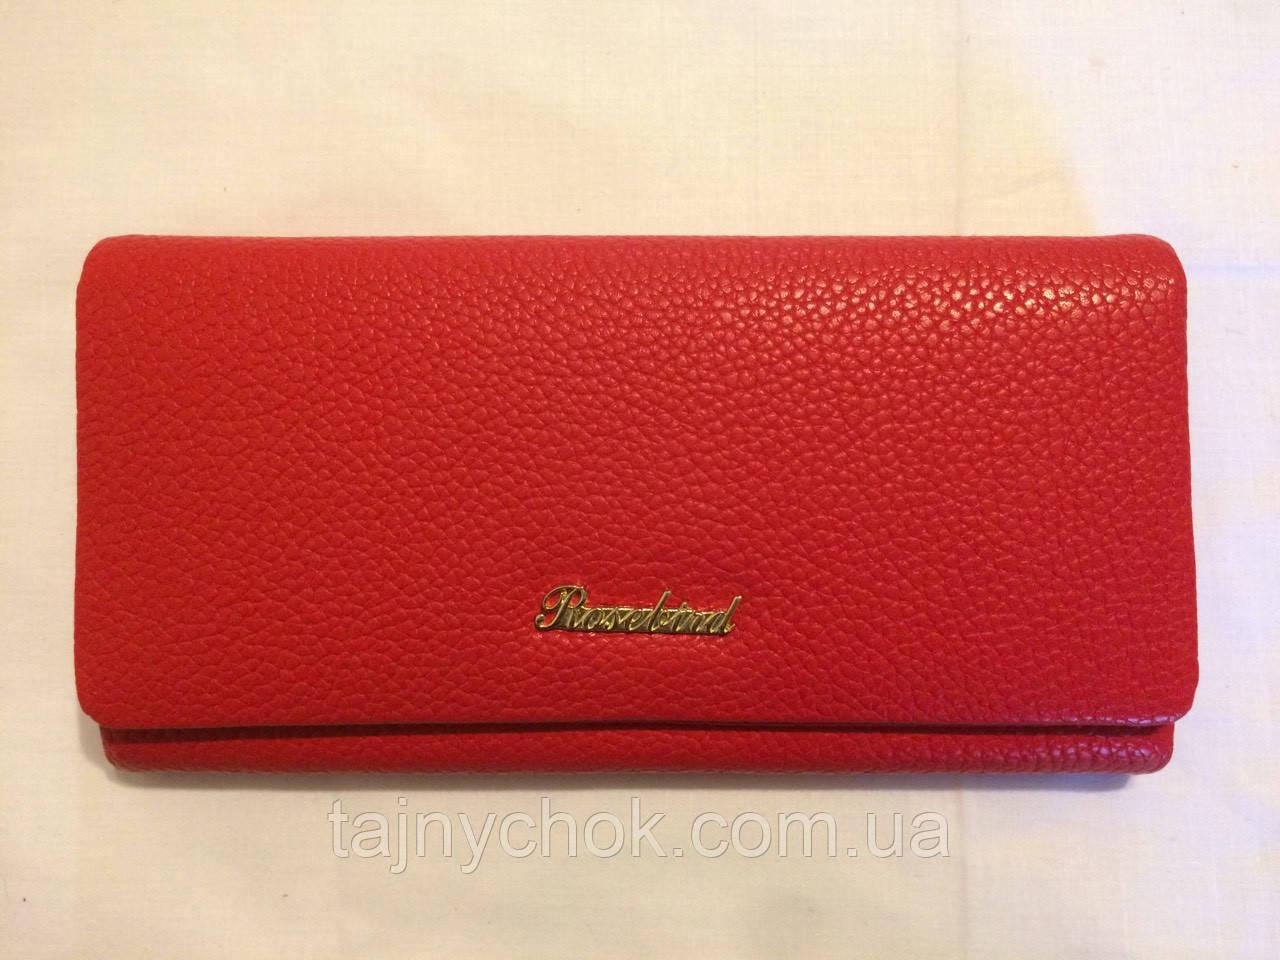 Женский красный бескаркасный кошелёк, фото 1